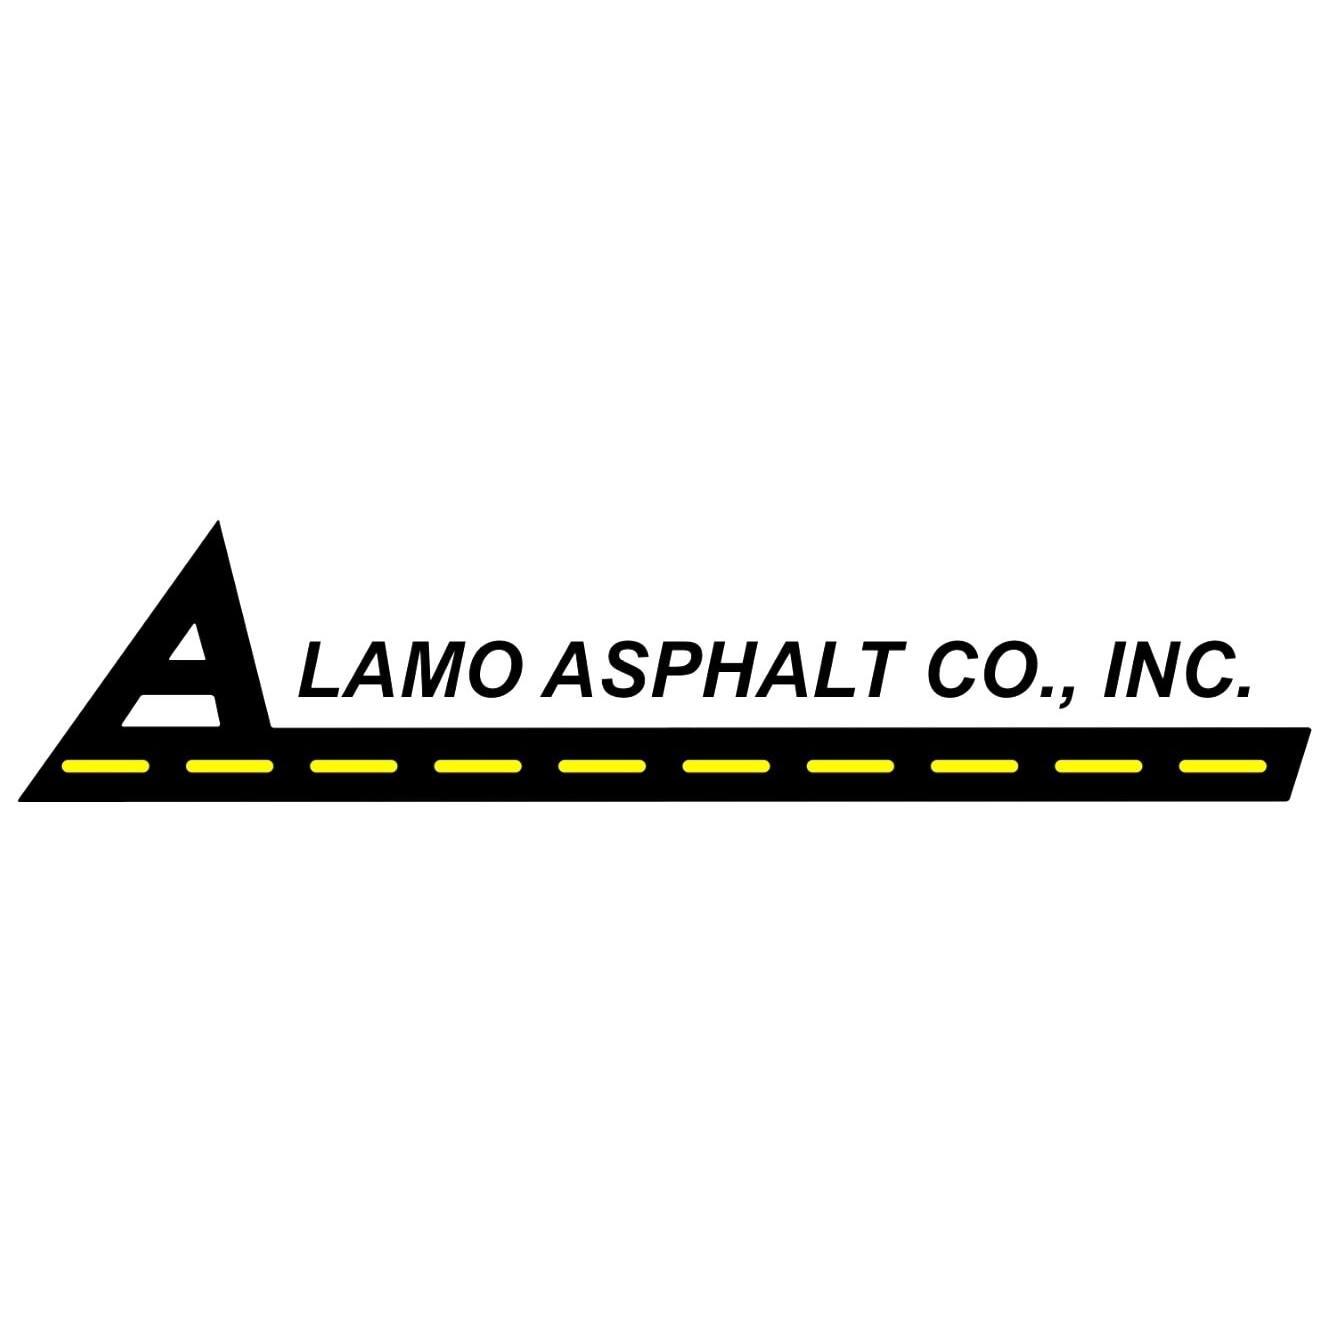 Foundation in TX San Antonio 78216 Alamo Asphalt Company, Inc. 222  W Rhapsody  (210)344-0424